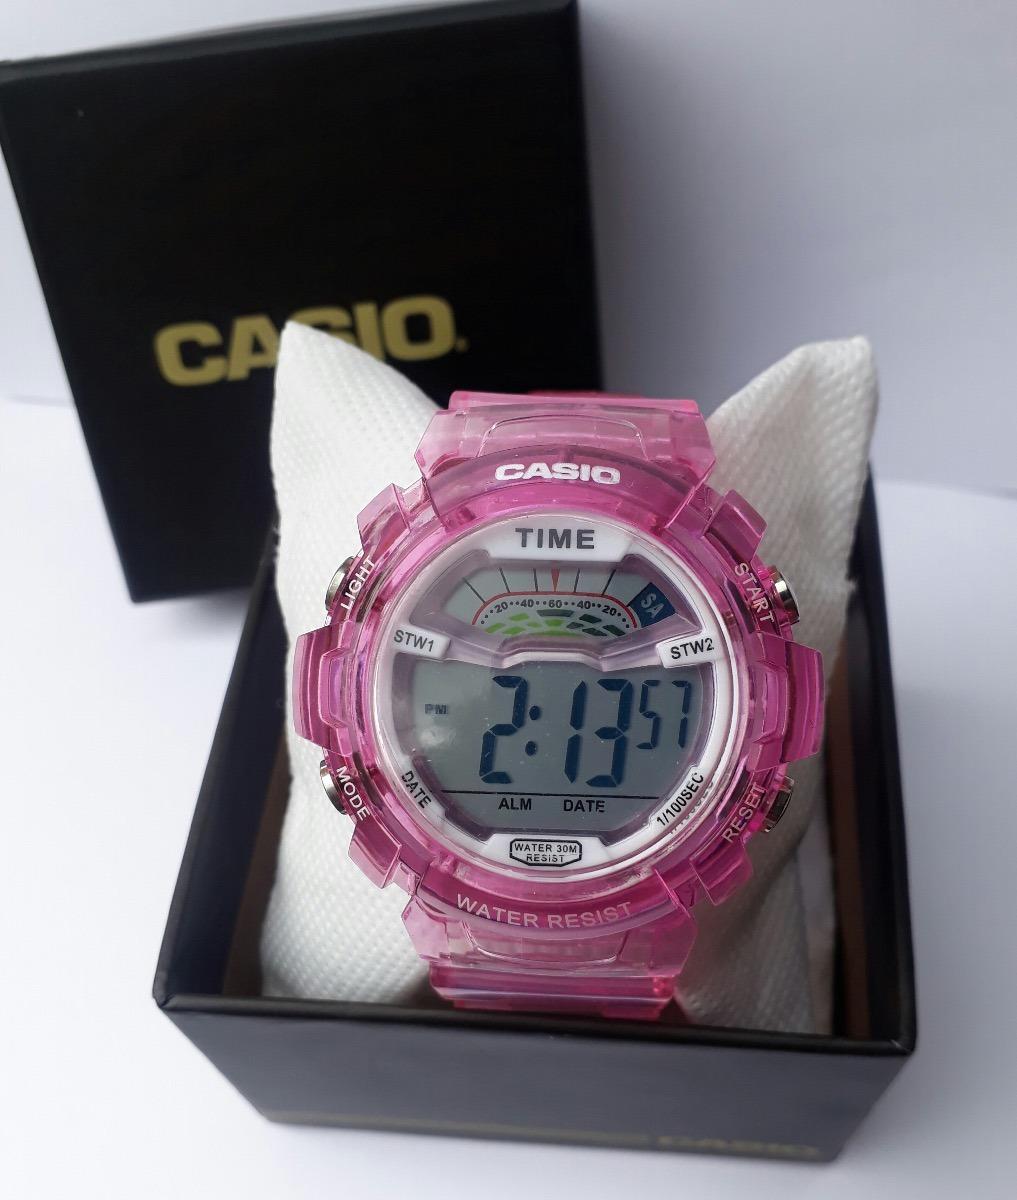 Reloj Casio G Shock Baby Rosa -   399.99 en Mercado Libre ea7c0de68e3f